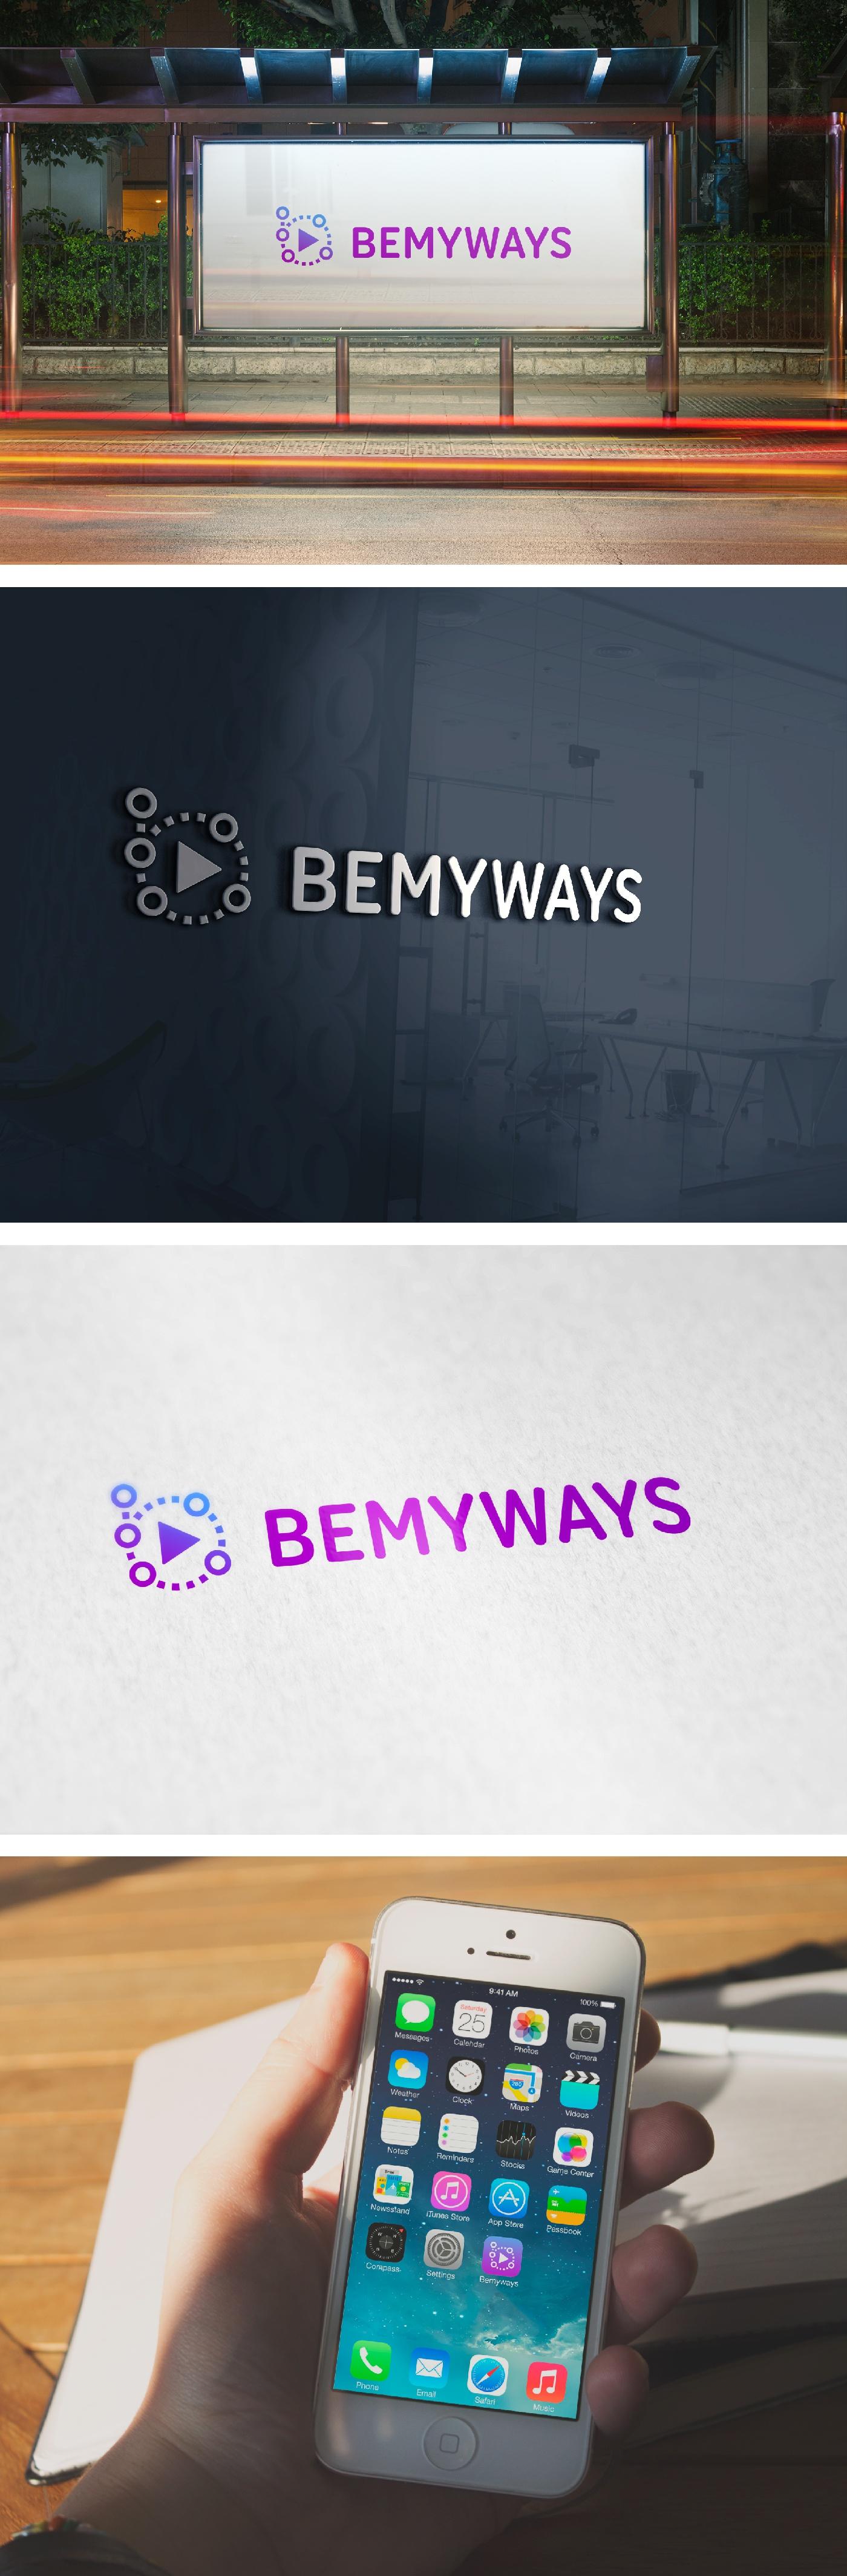 Разработка логотипа и иконки для Travel Video Platform фото f_8225c3d7b8c1cbad.jpg